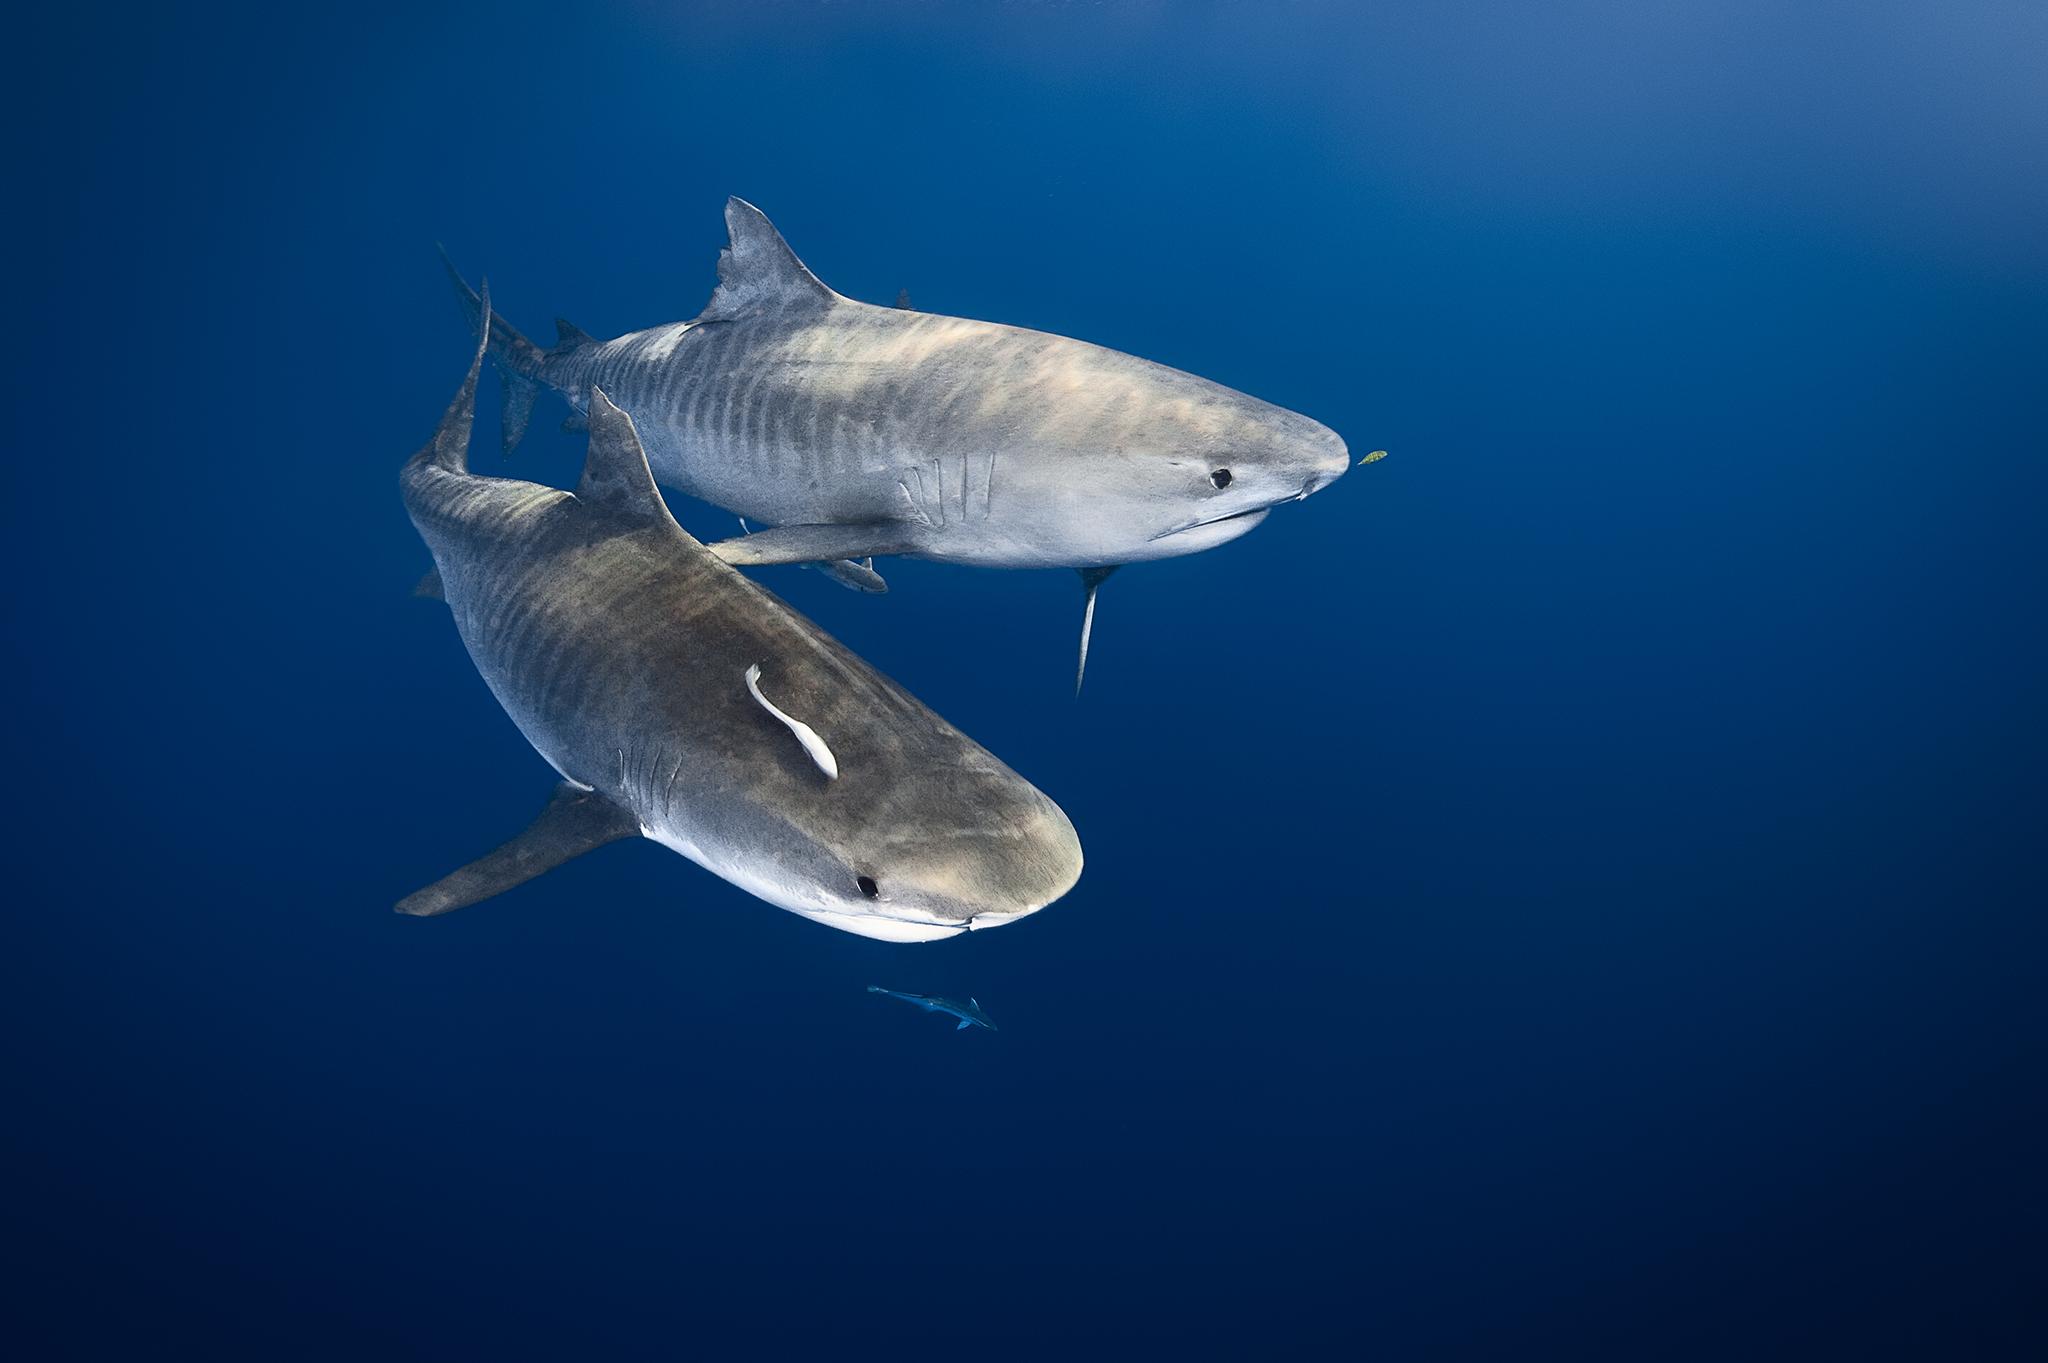 Tigres dans la mer. Les requins-tigres (Galeocerdo cuvier) arrivent de nulle part pour profiter à leur tour des restes d'un grand cachalot dans la Grande Barrière de Corail. Nous avons observé 6 petits requins-tigres se relayer pour se repaître de la carcasse, mais ils se sont retirés dès que deux nouveaux venus, plus massifs, se sont imposés.